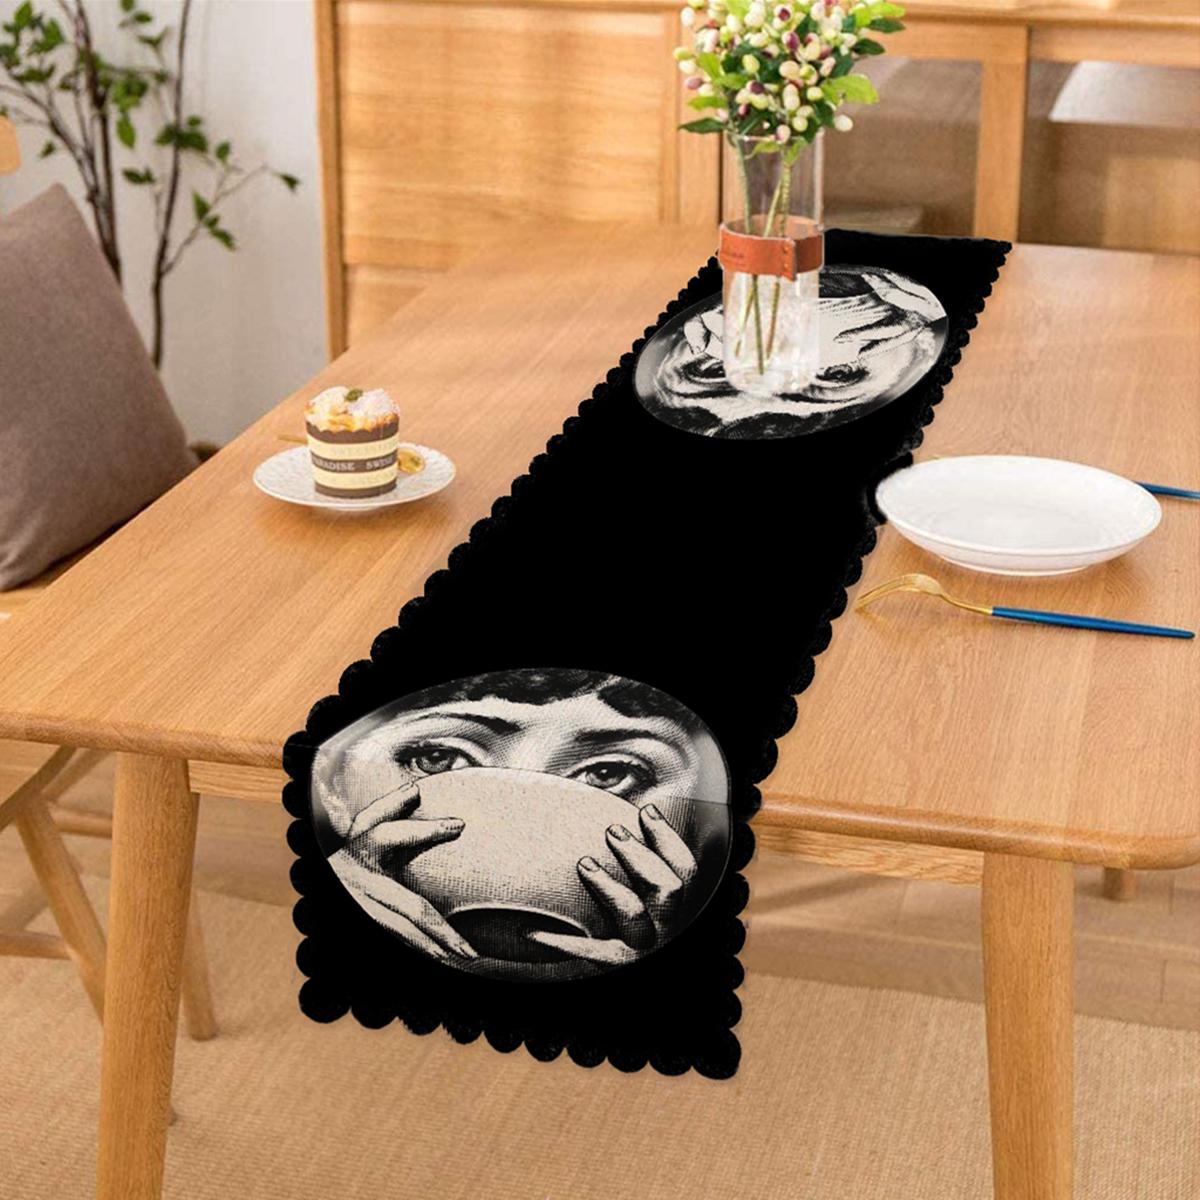 Siyah Beyaz Fornasetti Tasarımlı Dijital Baskılı Runner Realhomes